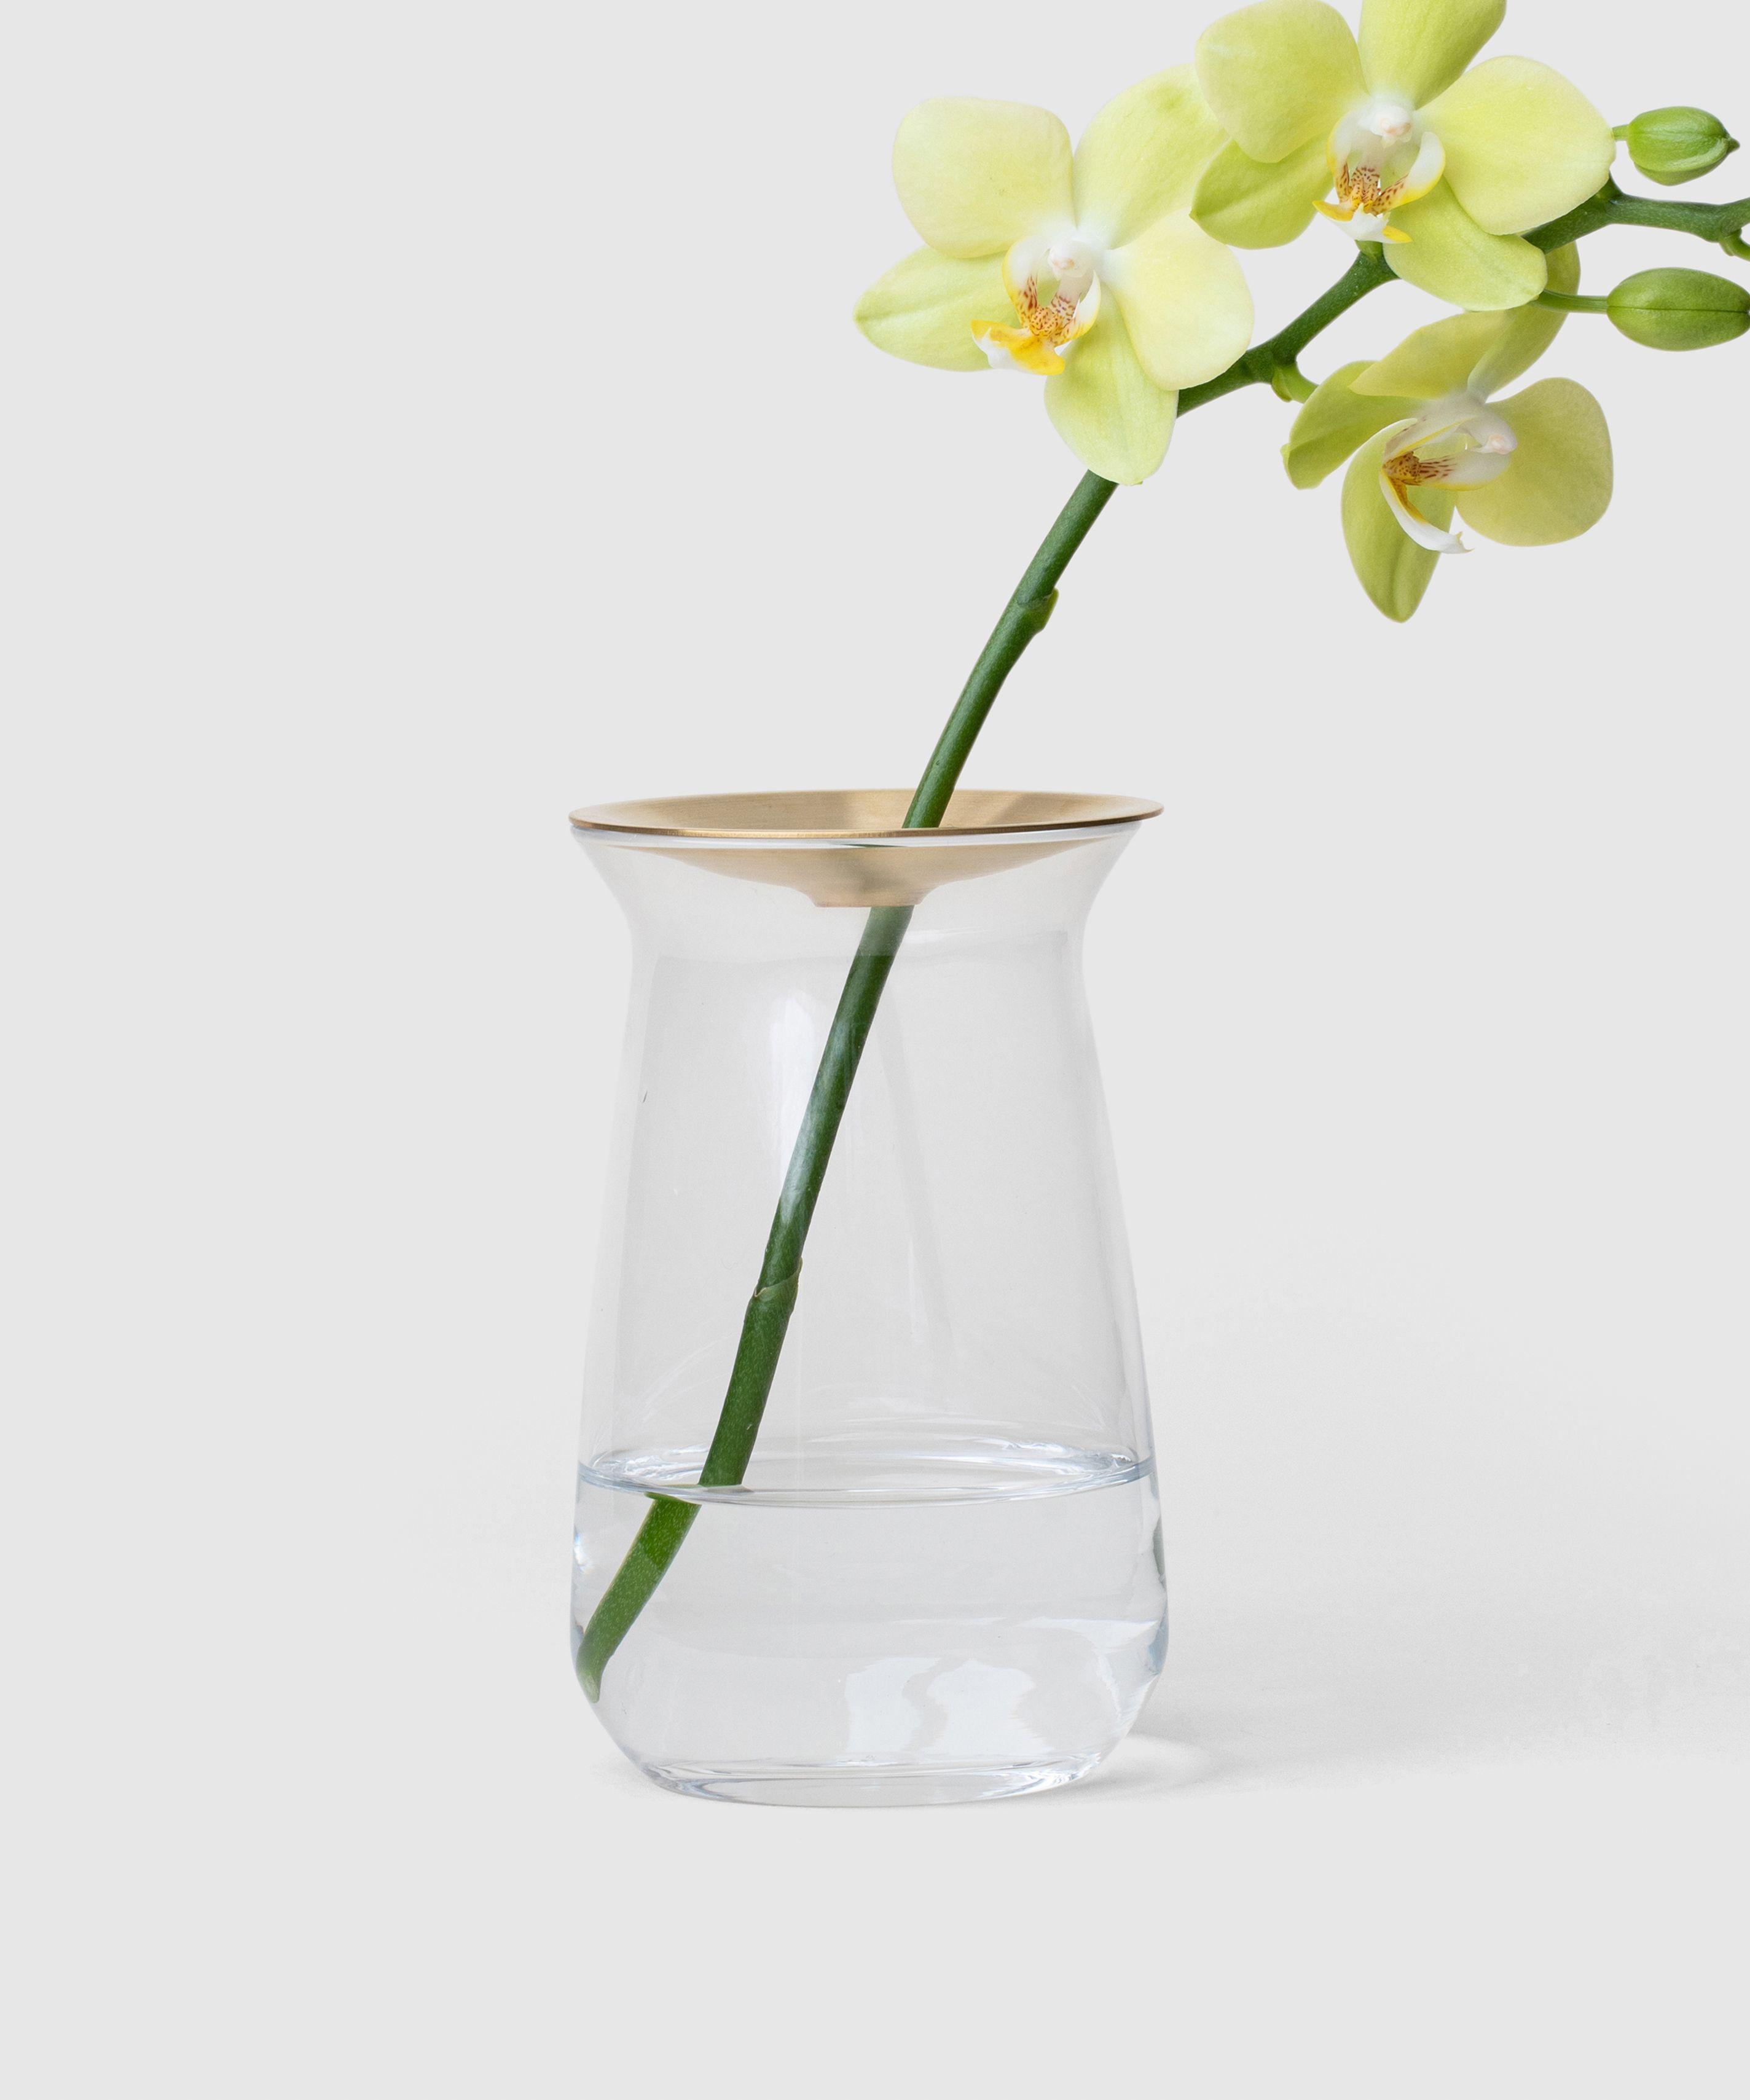 Small Joyful Flower Vase In 2020 Flower Vases Vase Small Vase